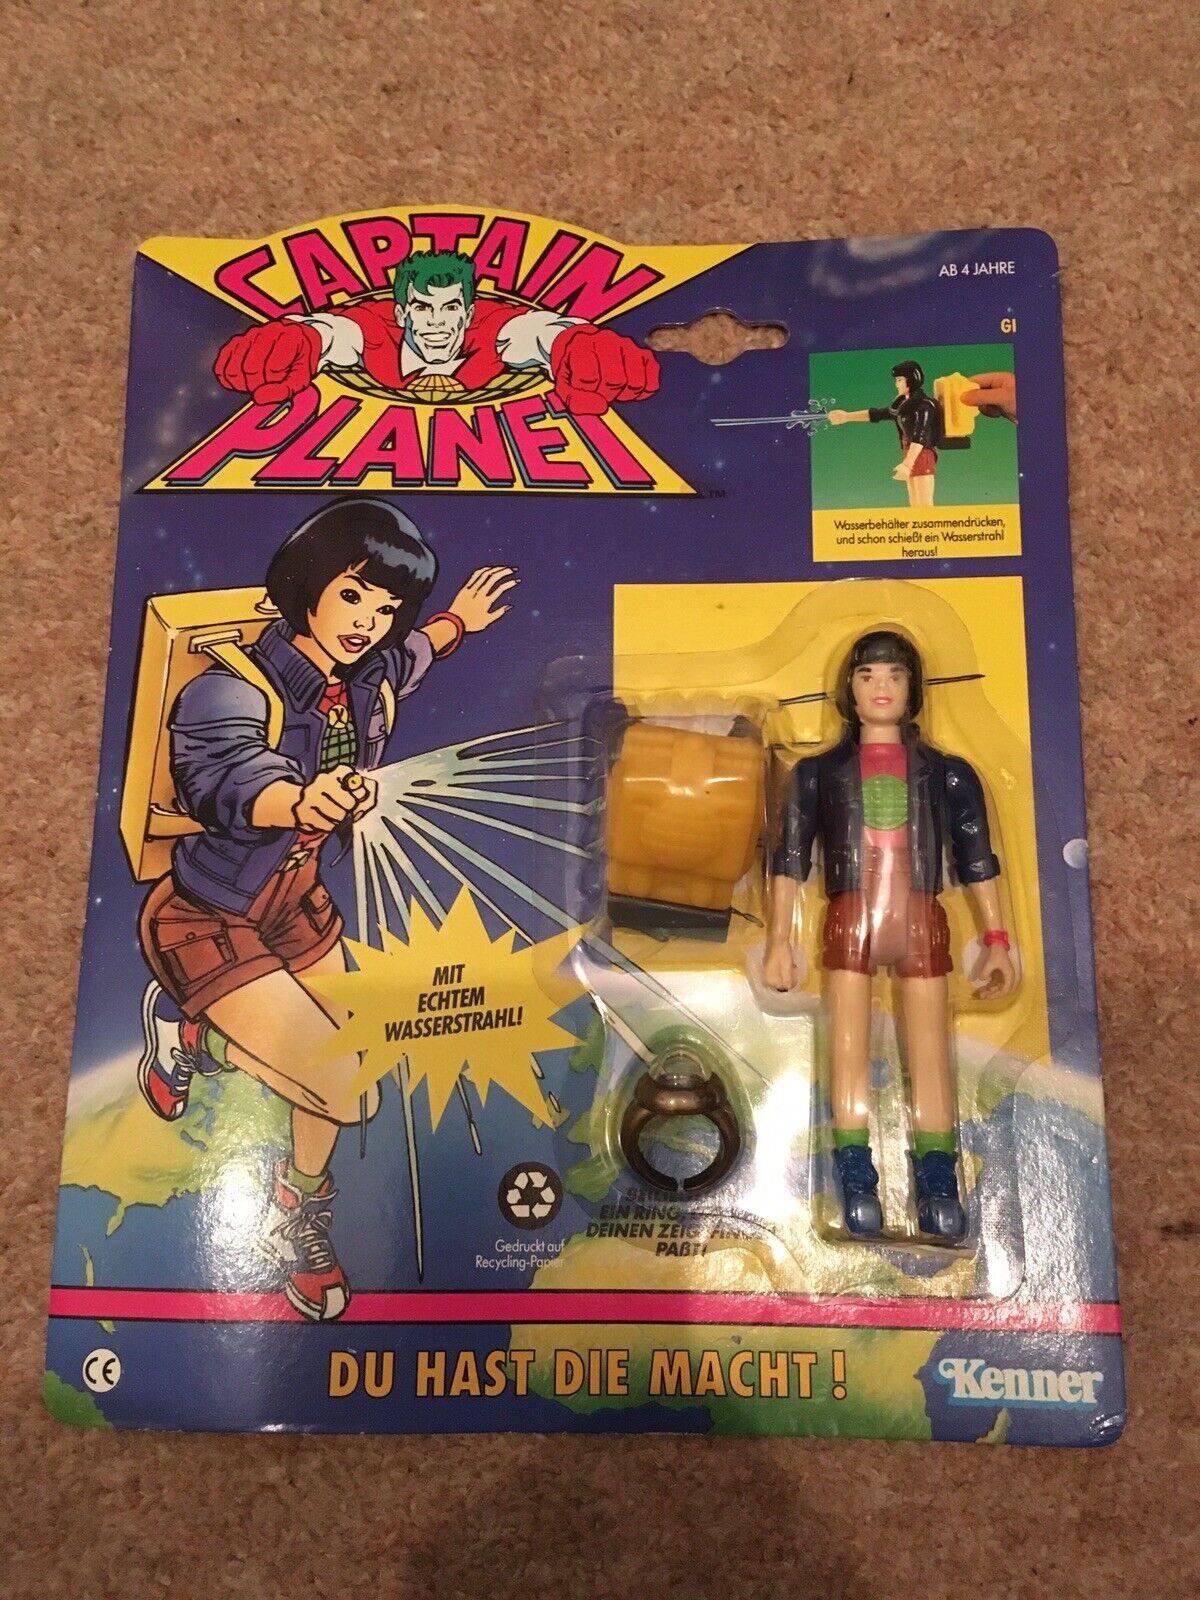 Capitán Planeta Gi planeteer Alemán figura de acción Kenner 1991